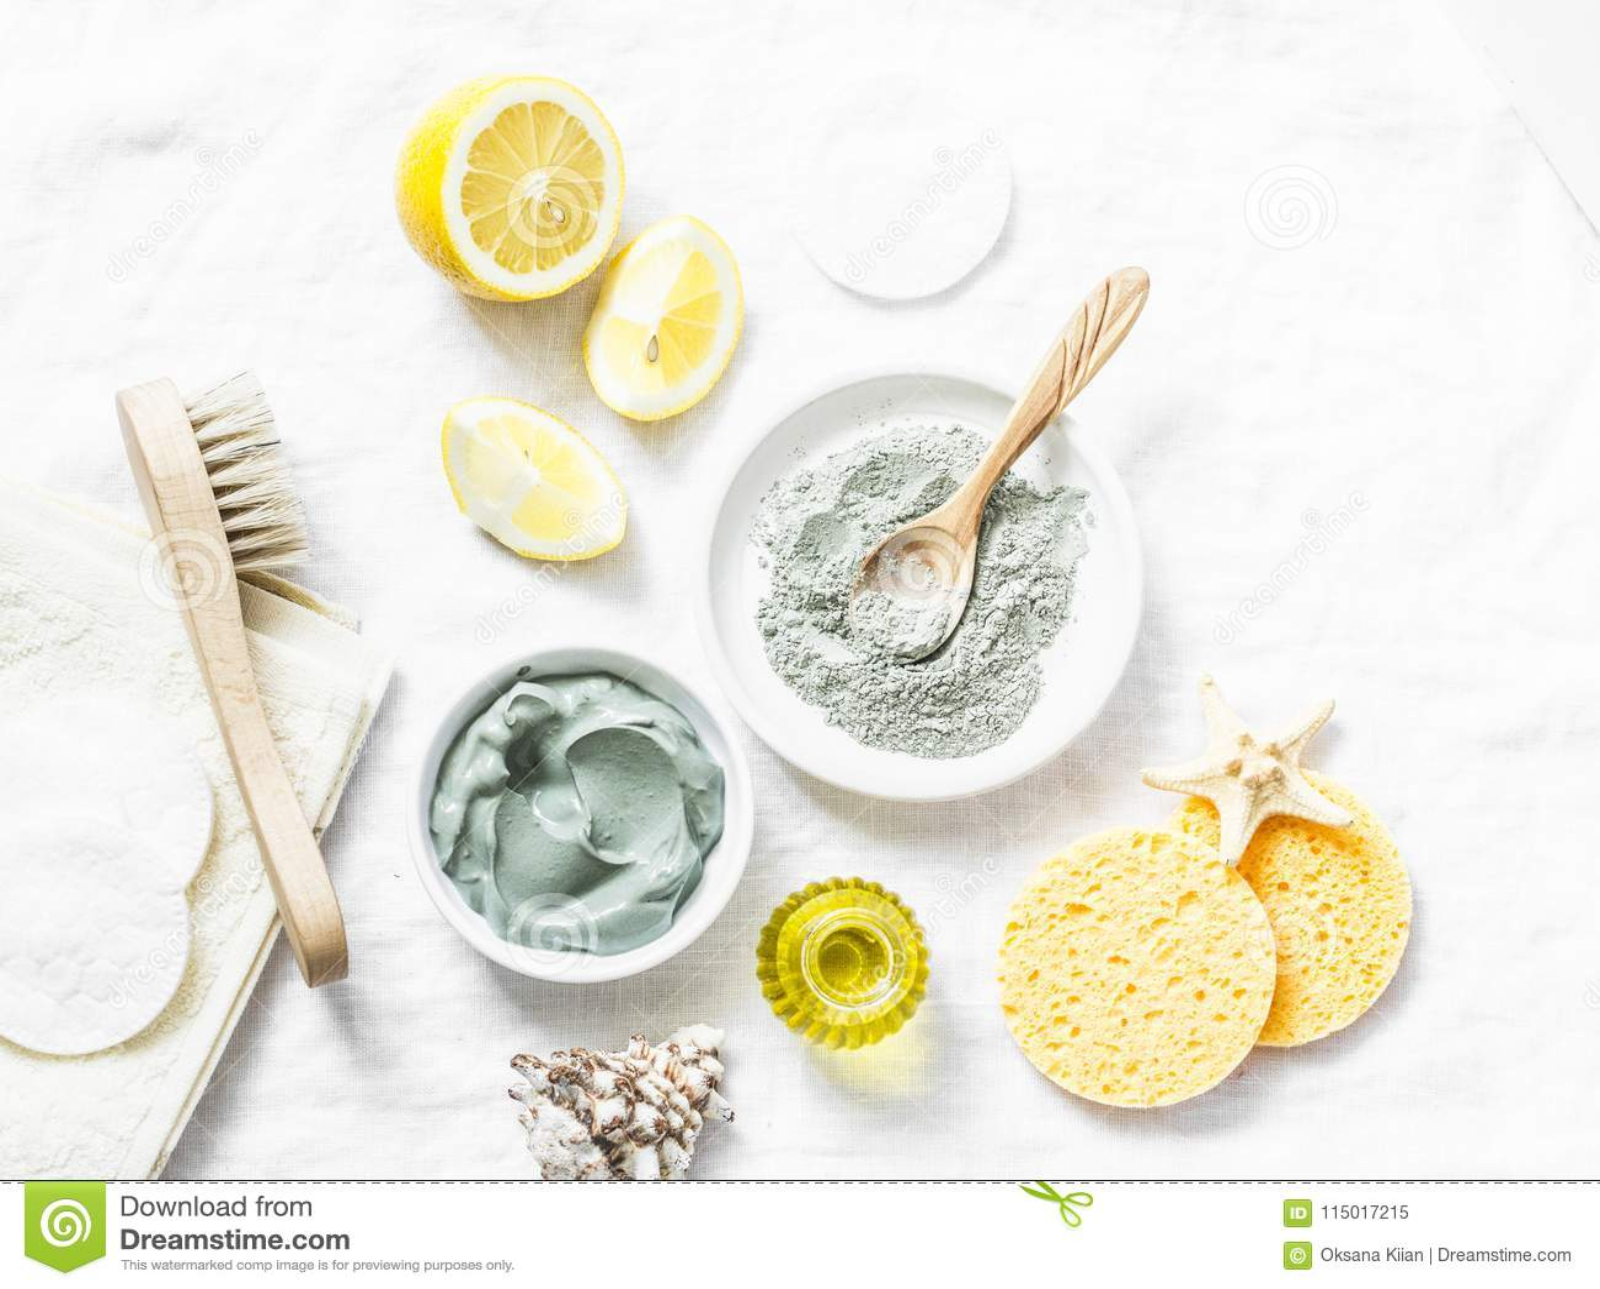 Máscara caseiro do facial da beleza Argila, limão, óleo, escova facial - ingredientes dos produtos de beleza no fundo claro